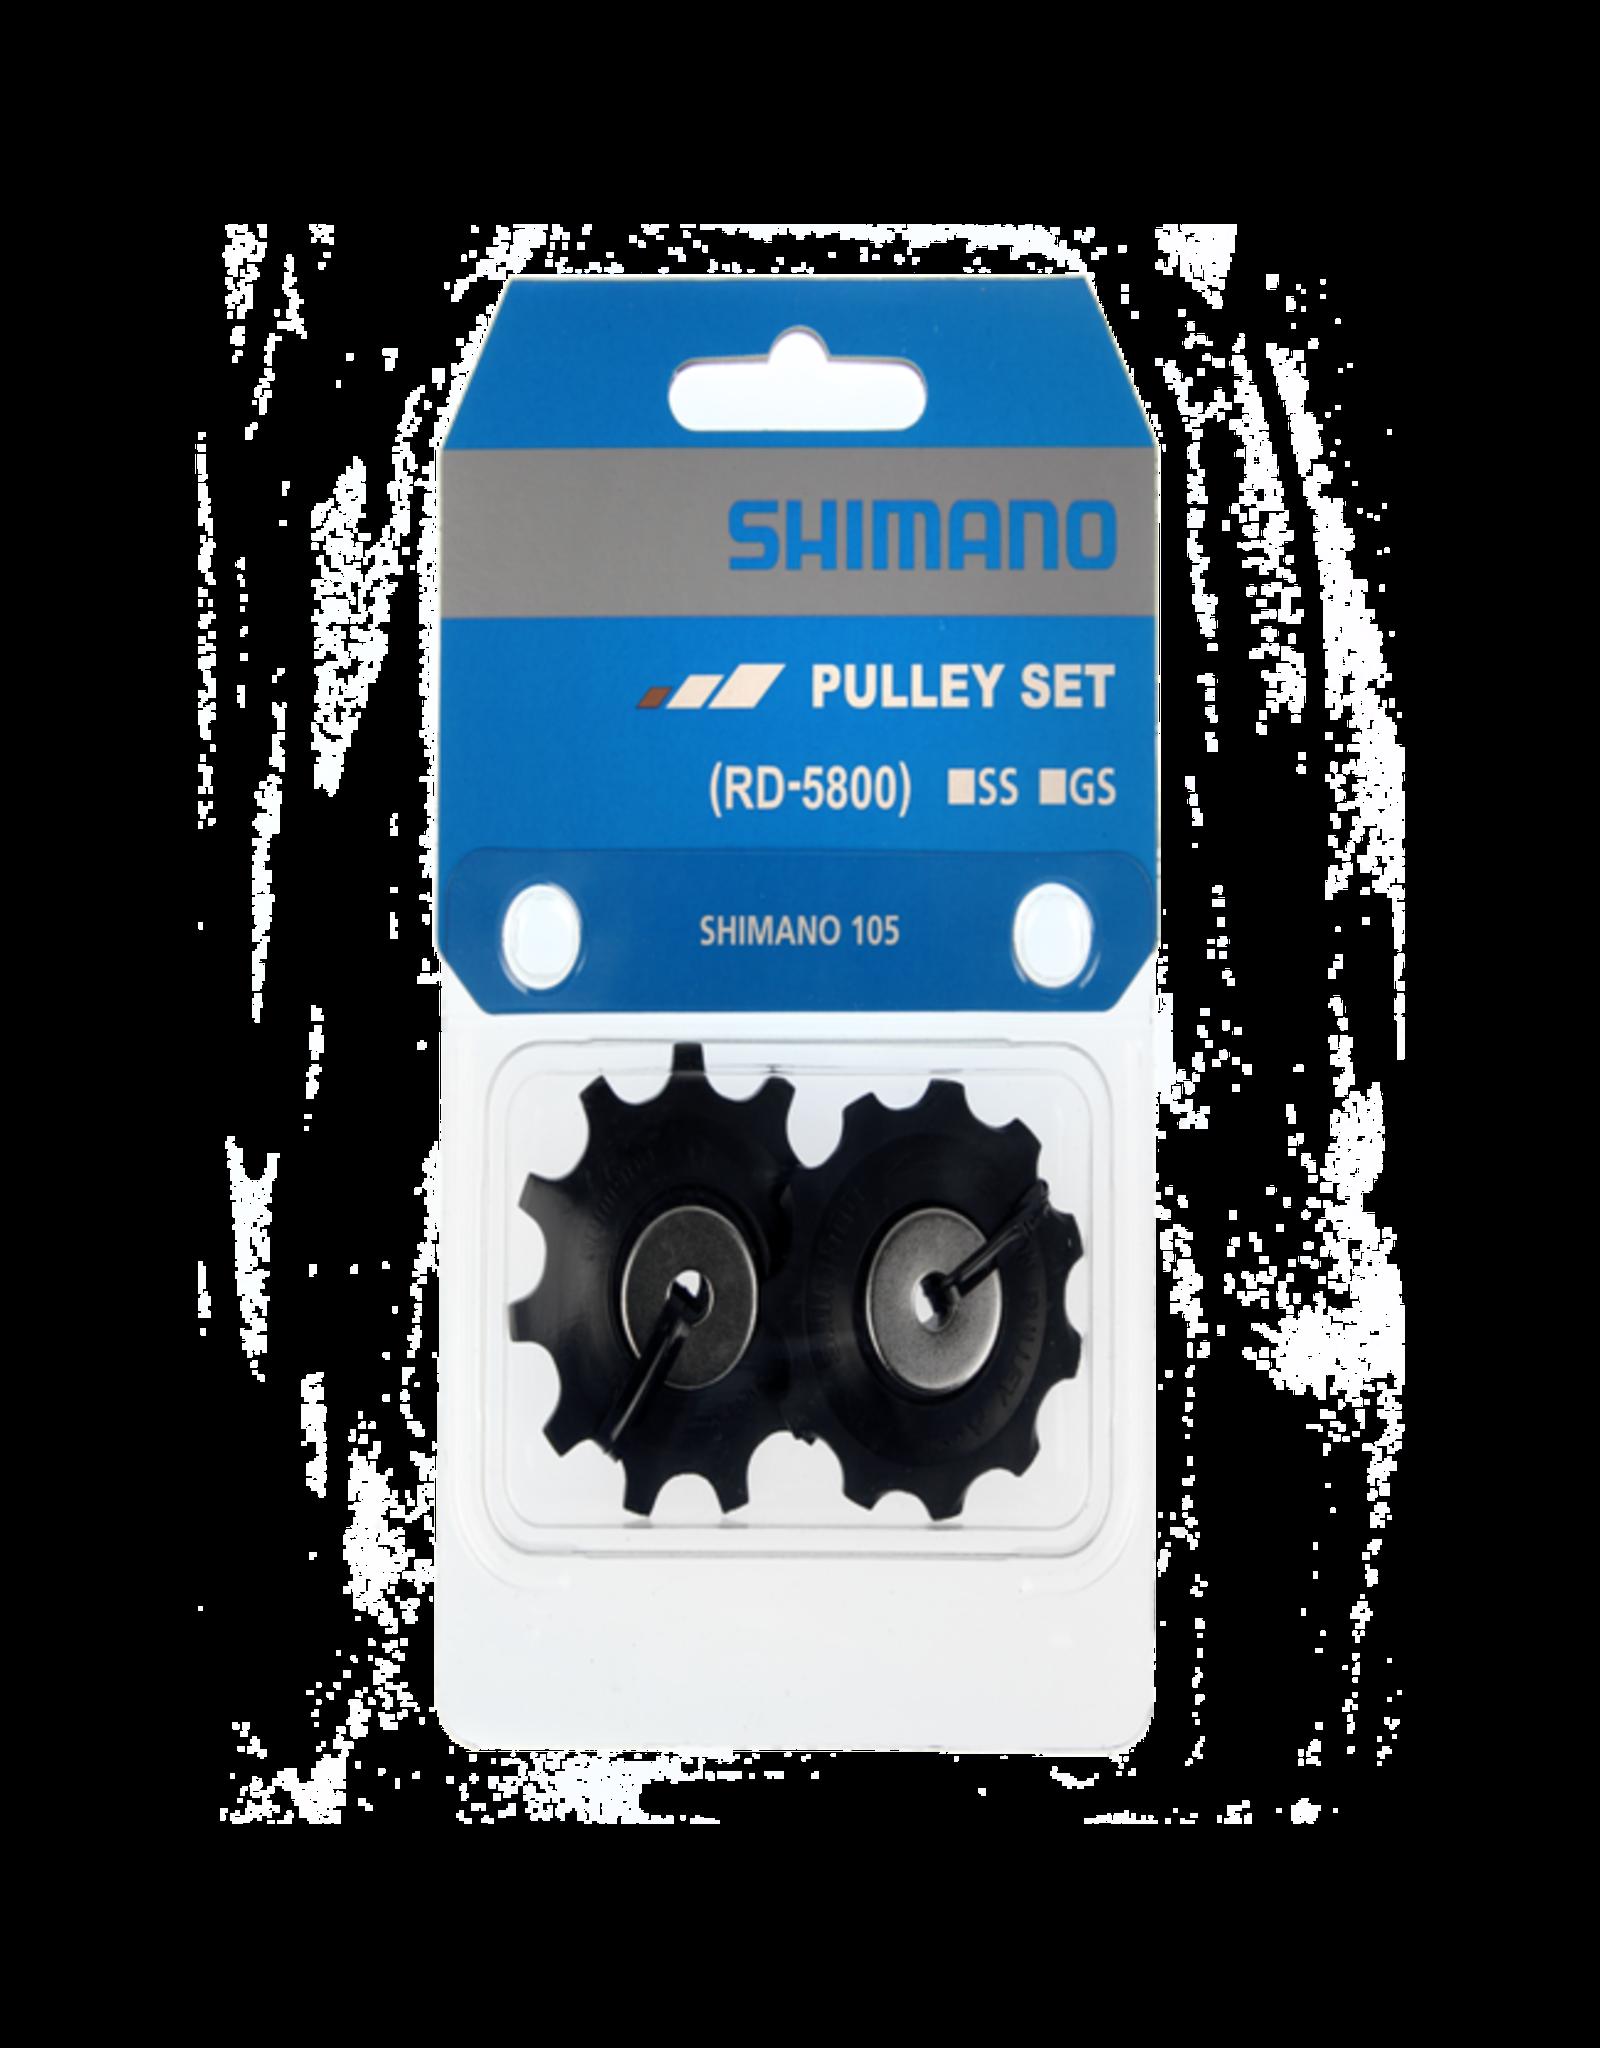 Shimano Shimano 105 RD-5800-GS 11-Speed Rear Derailleur Pulley Set